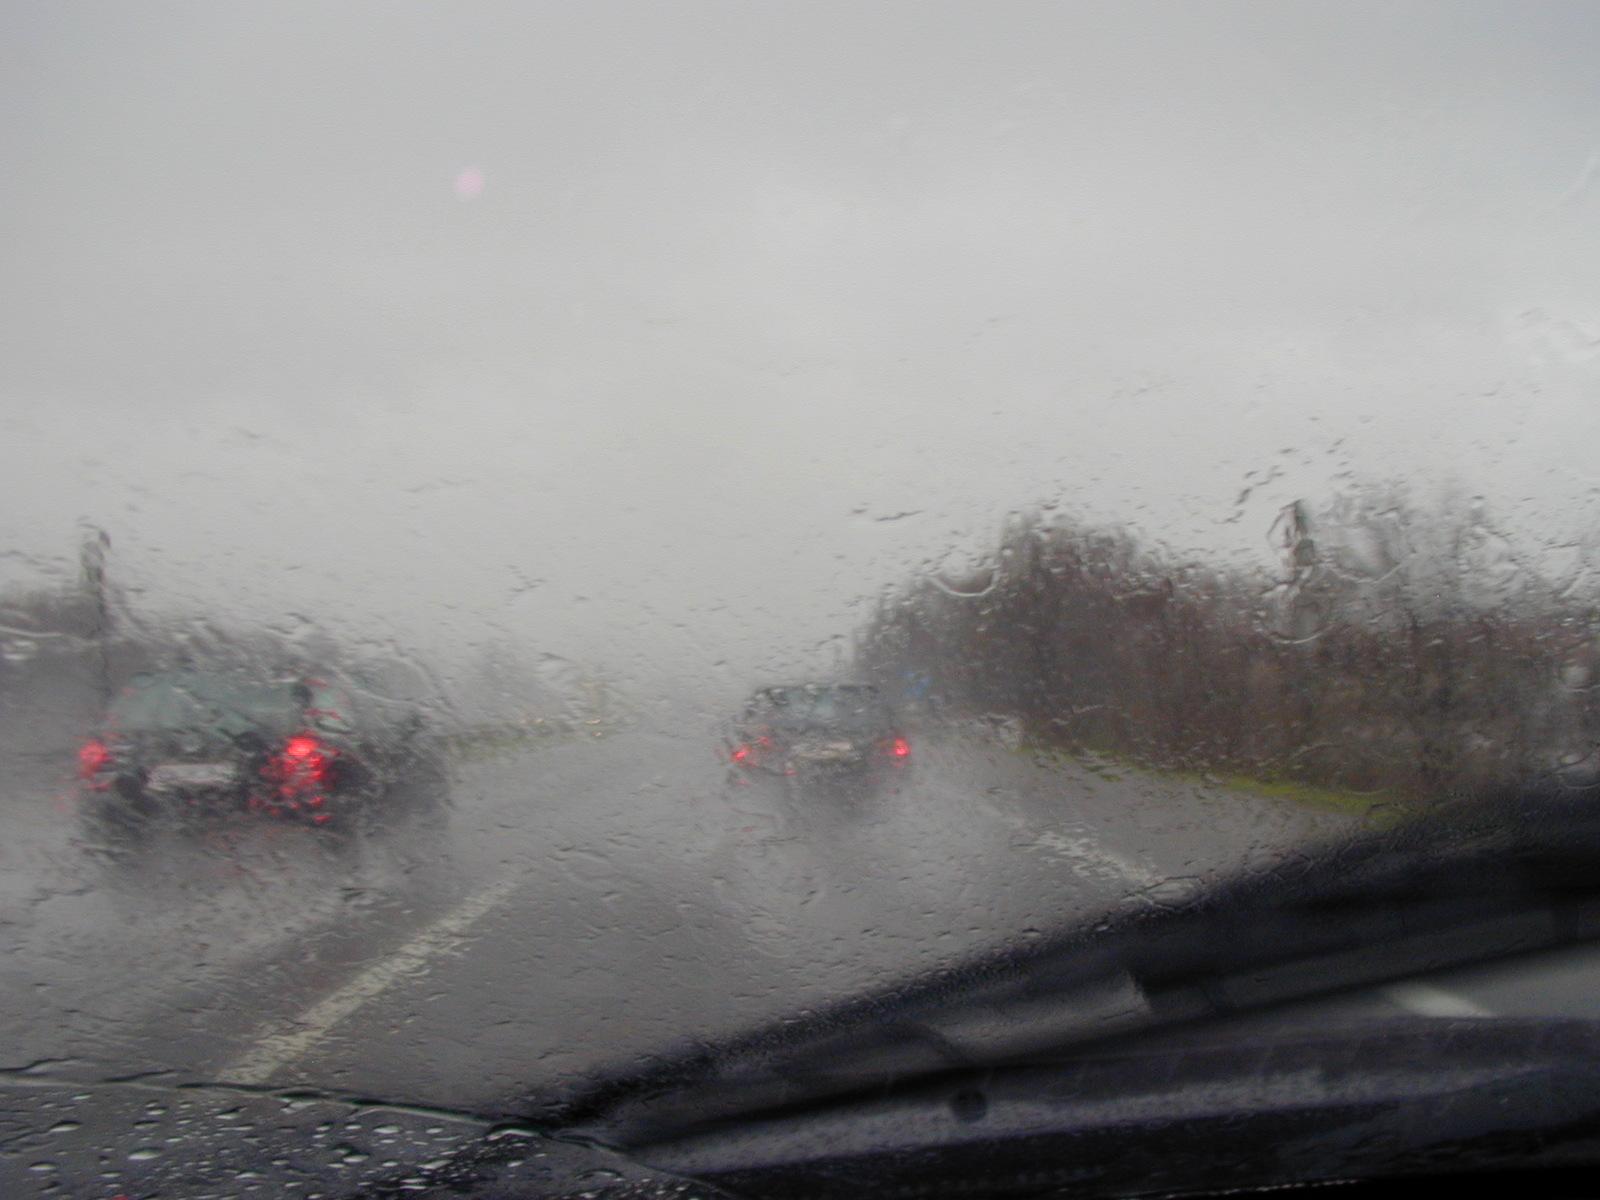 Sicht durch die Frontscheibe eines PKW bei Regen.